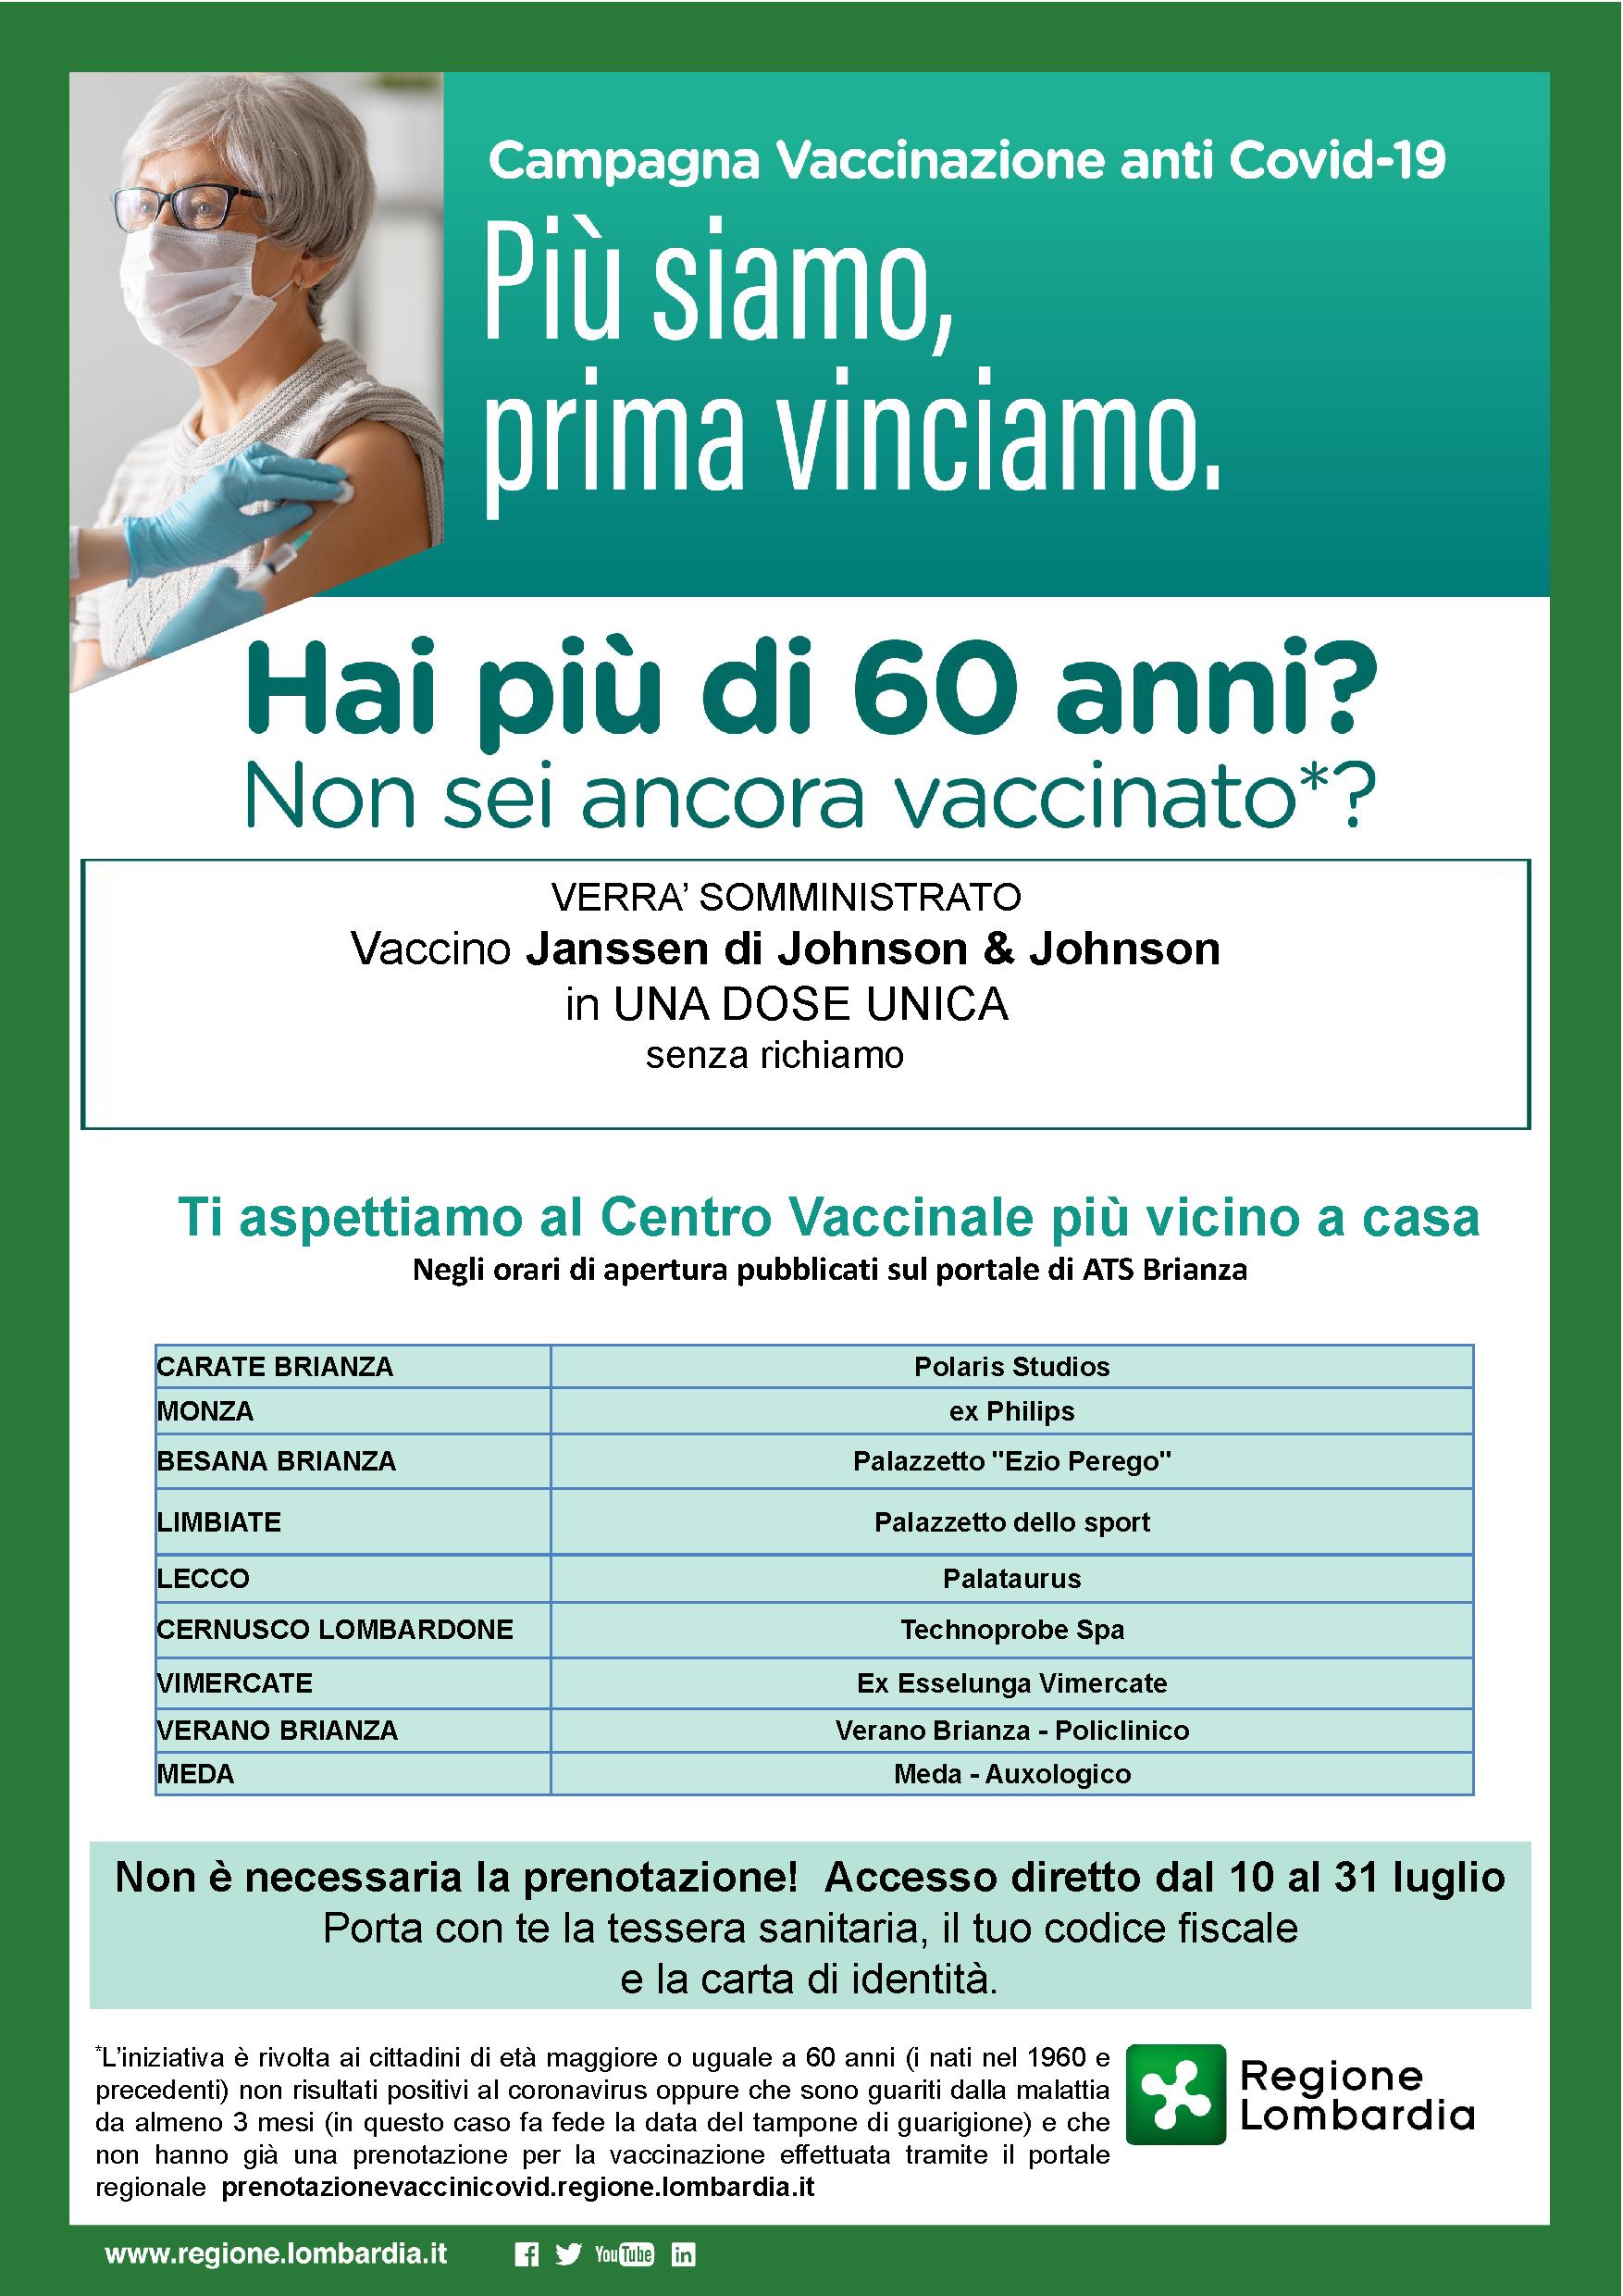 Over 60 non vaccinati